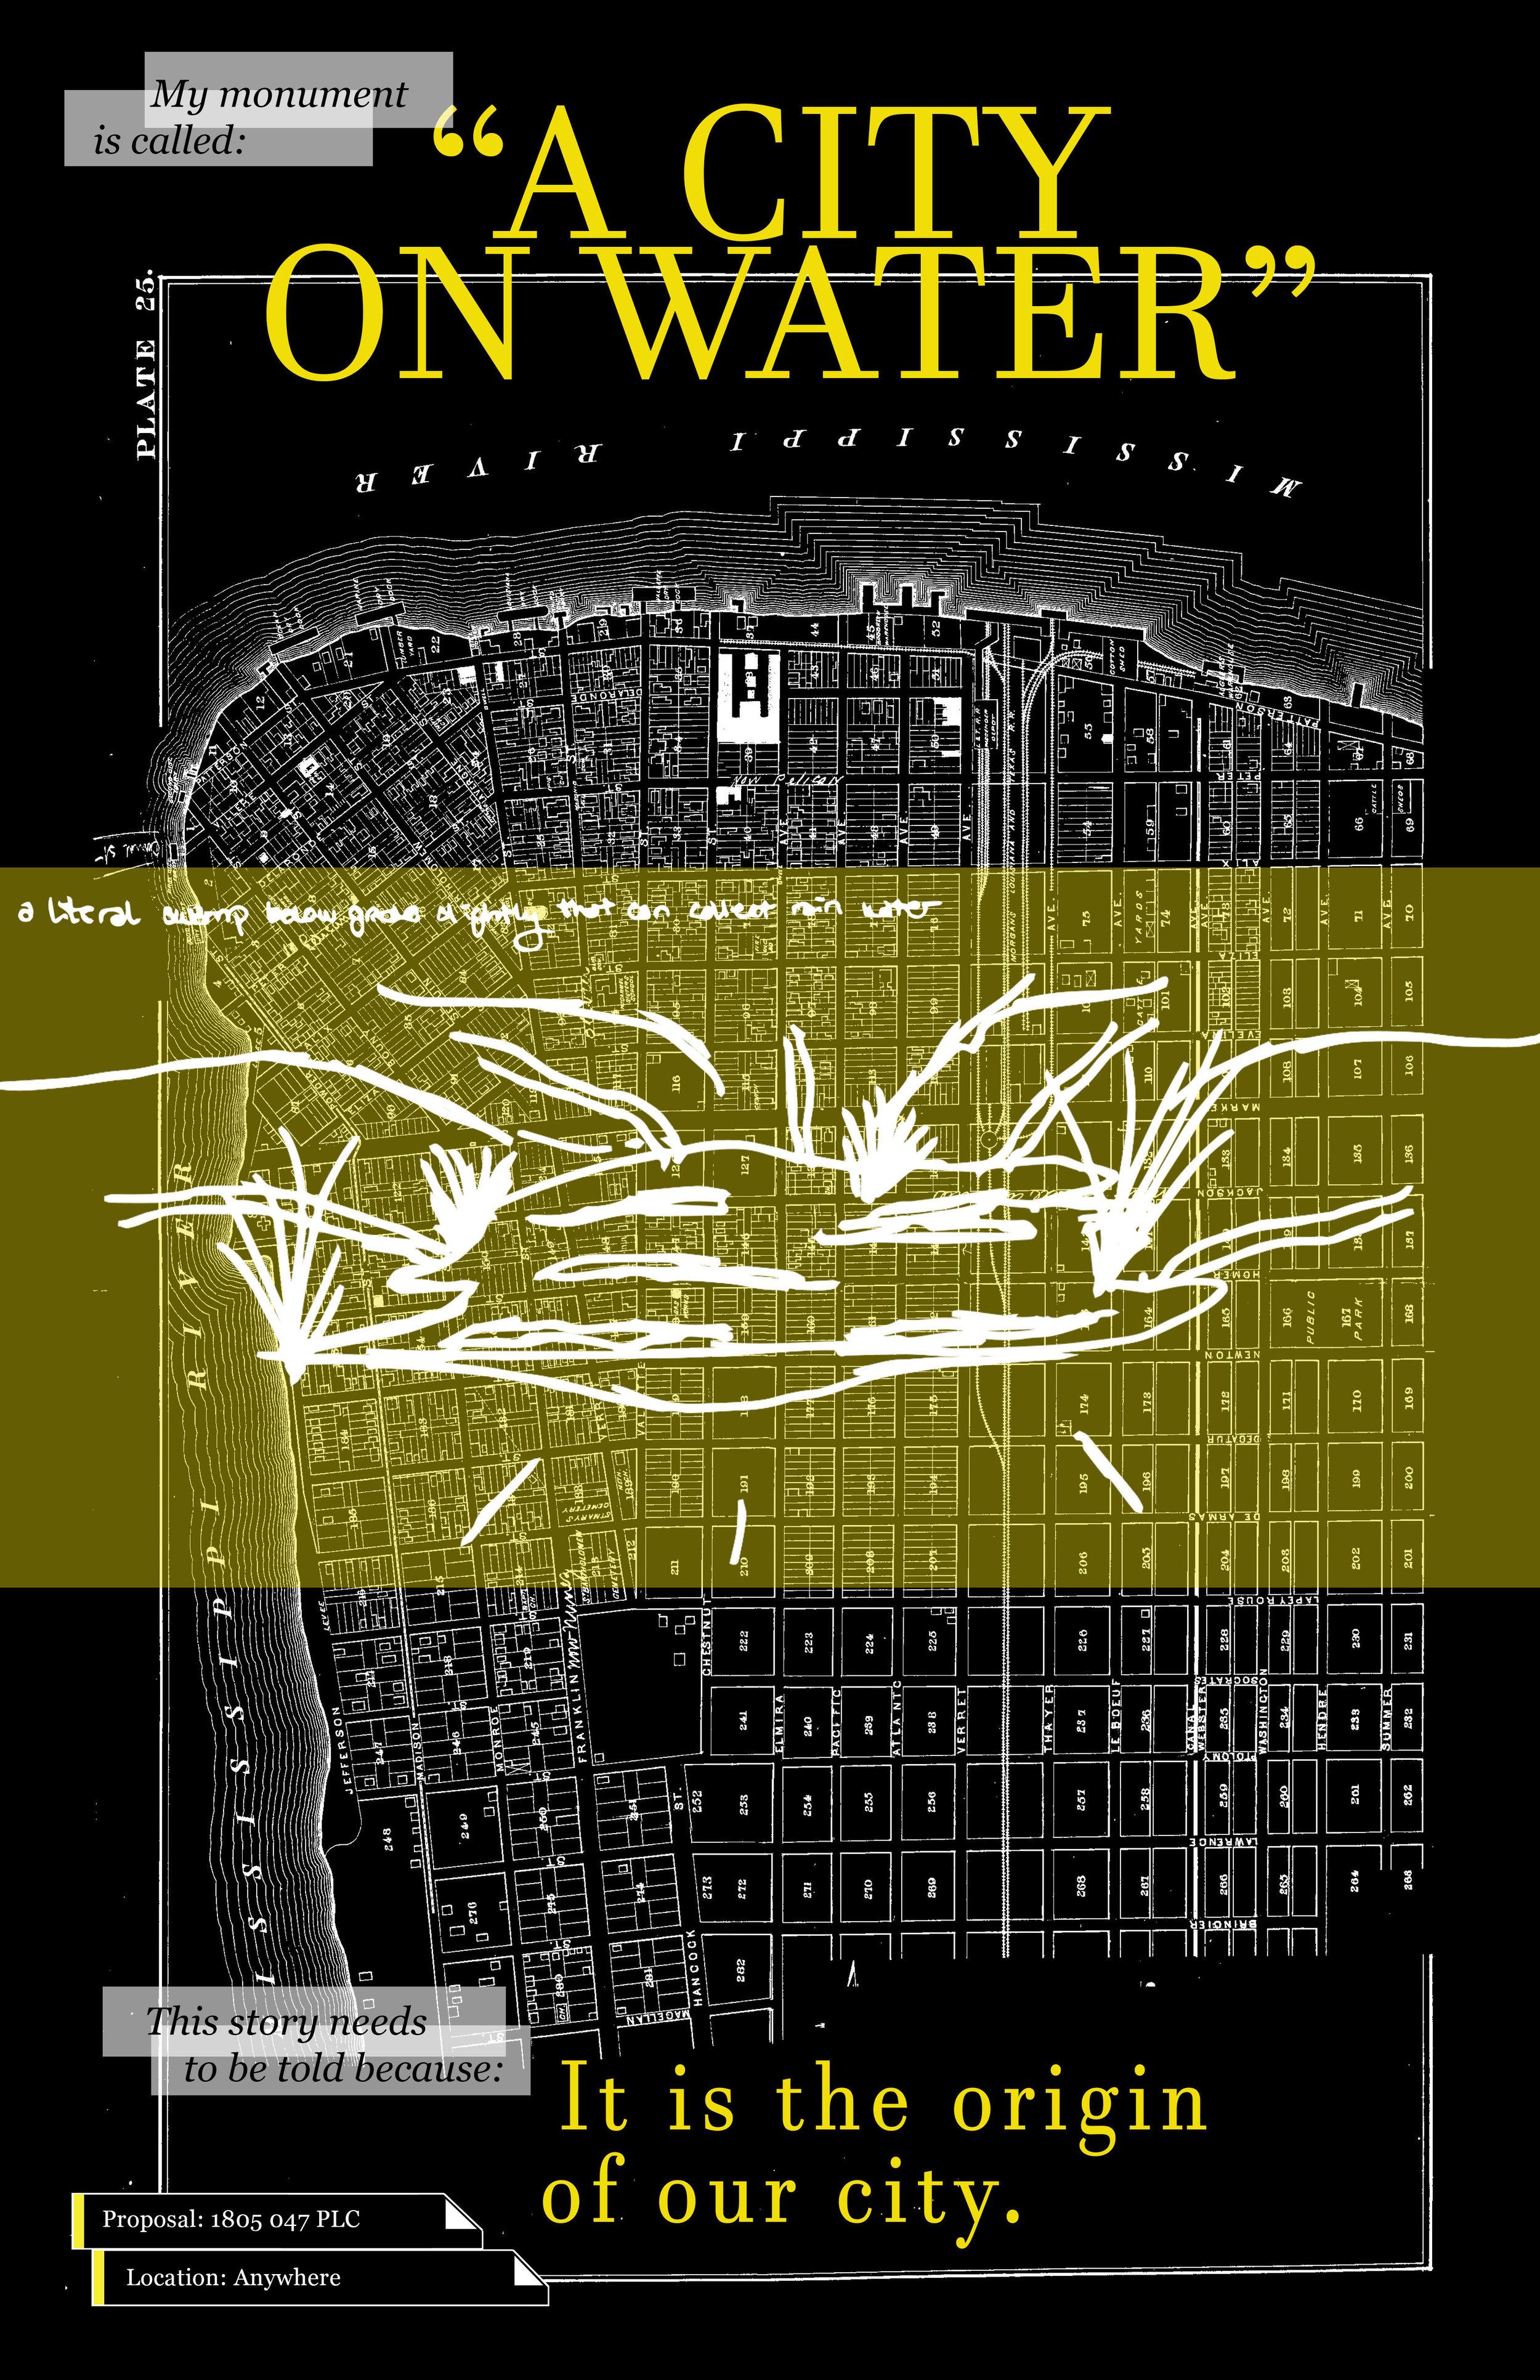 Proposal Poster 1805 047 PLC.jpg